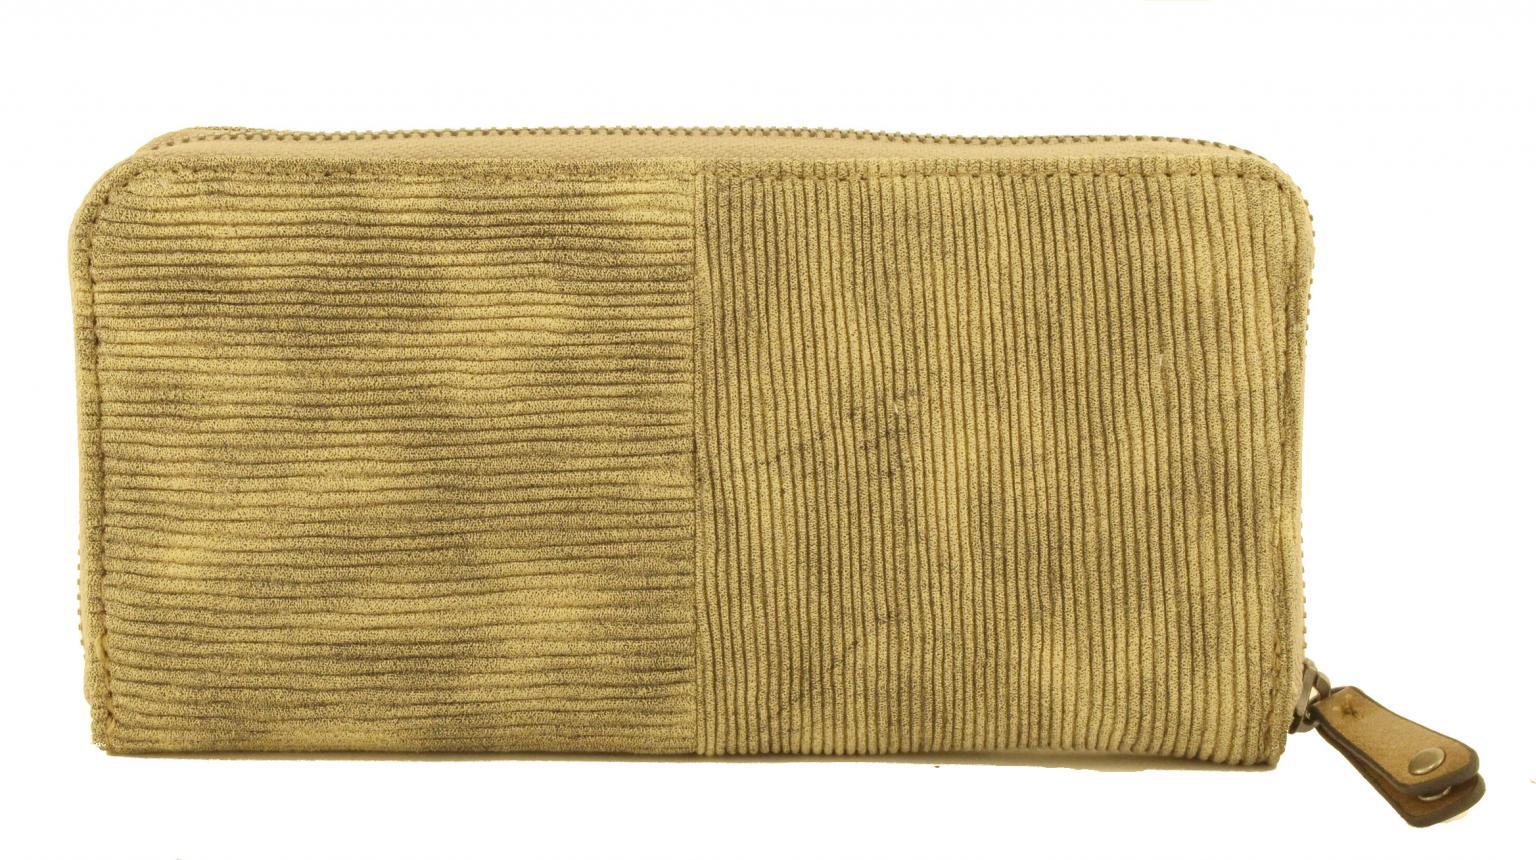 Suri Frey Geldbörse Elly geripptes Muster Reißverschluss Taupe